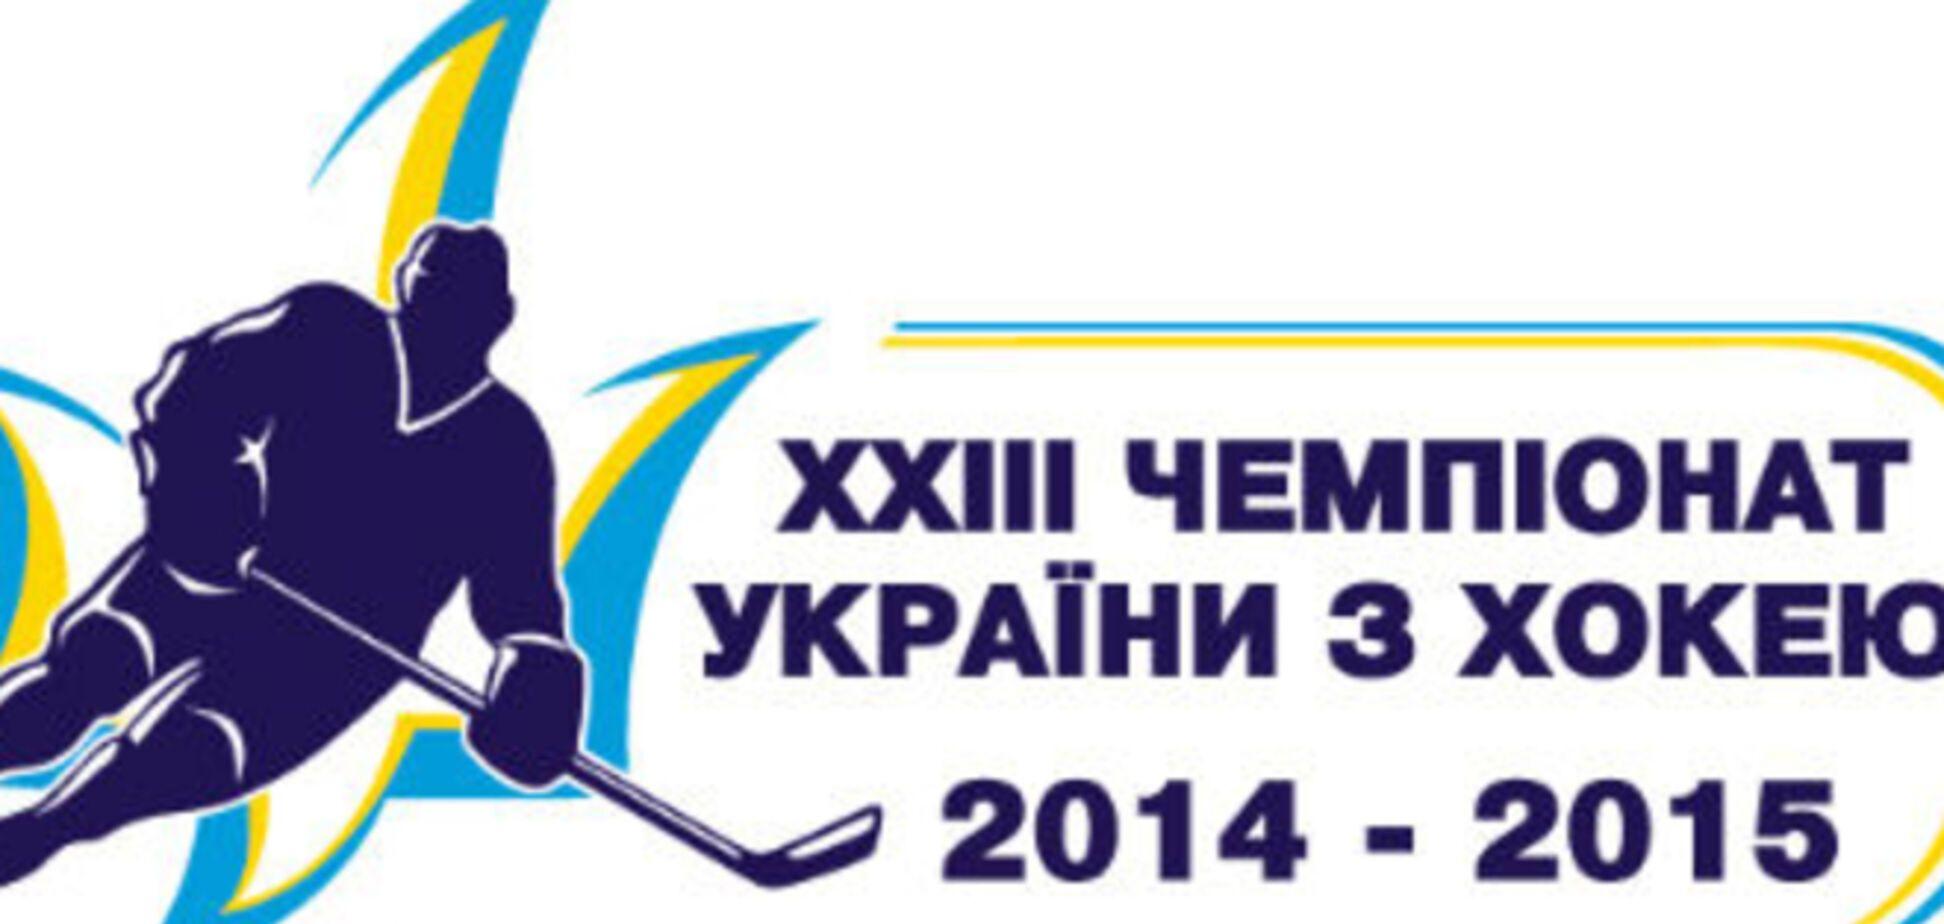 В чемпионате Украины по хоккею сыграют 4 клуба